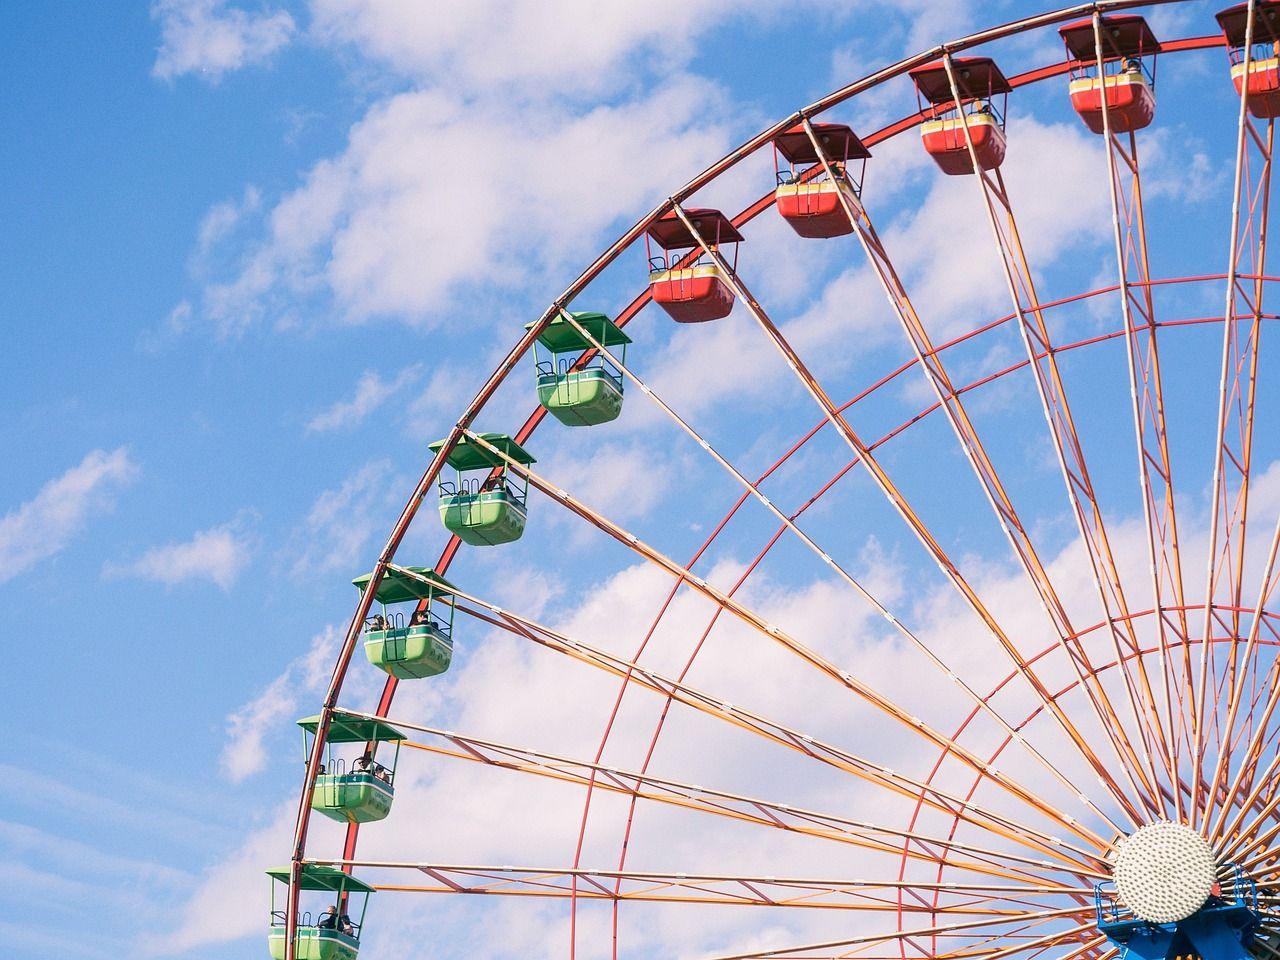 Park Amusement Park Ride Adventure Park Amusement Park Ride Adventure Park Pictures 2017 Wallpaper Ferris Wheel Hd wallpaper autumn ferris wheel park